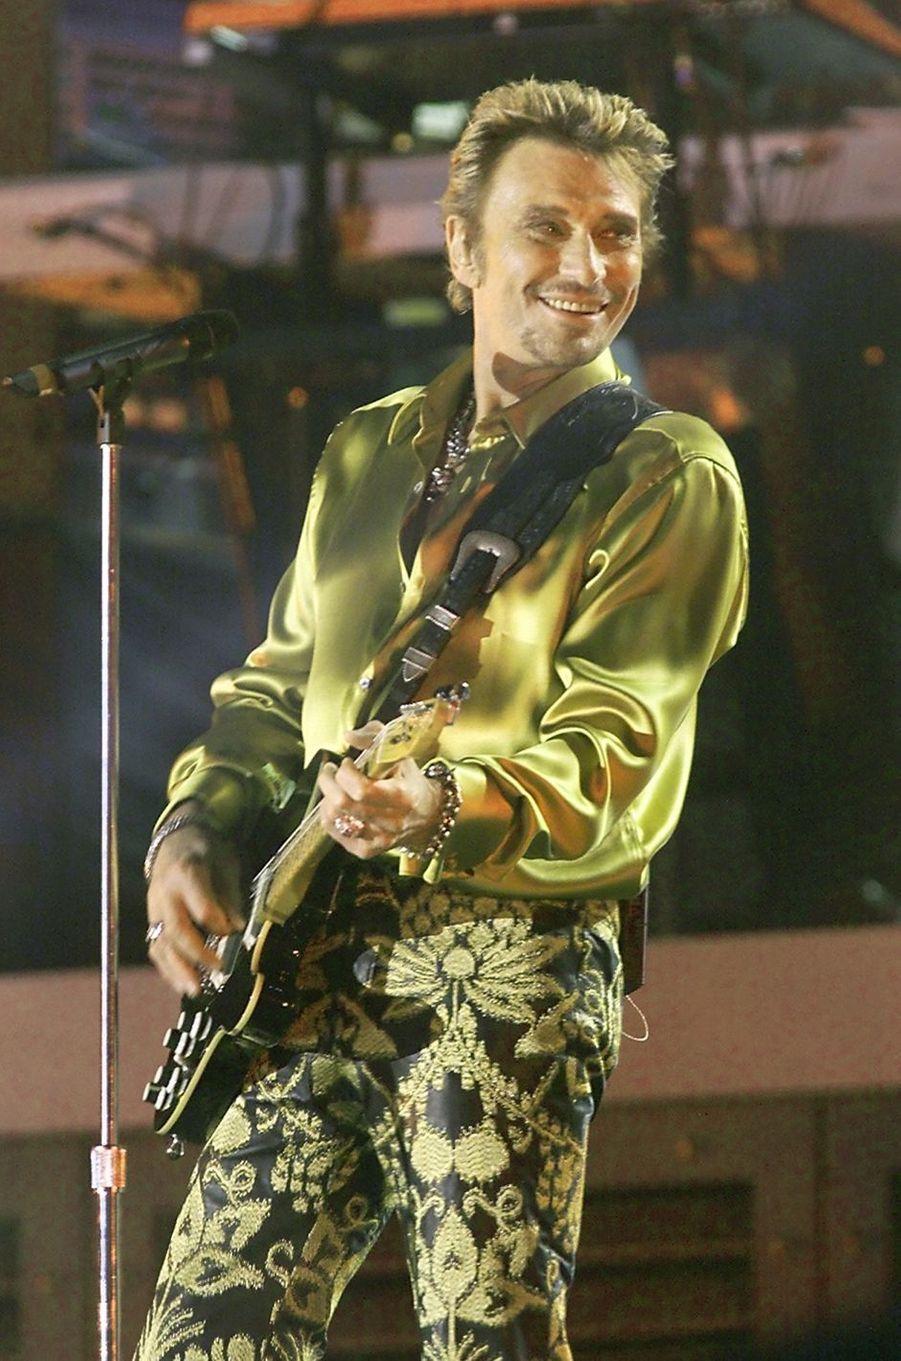 Johnny Hallyday le 10 juin 2000 sur l'esplanade du Champ de Mars à Paris.